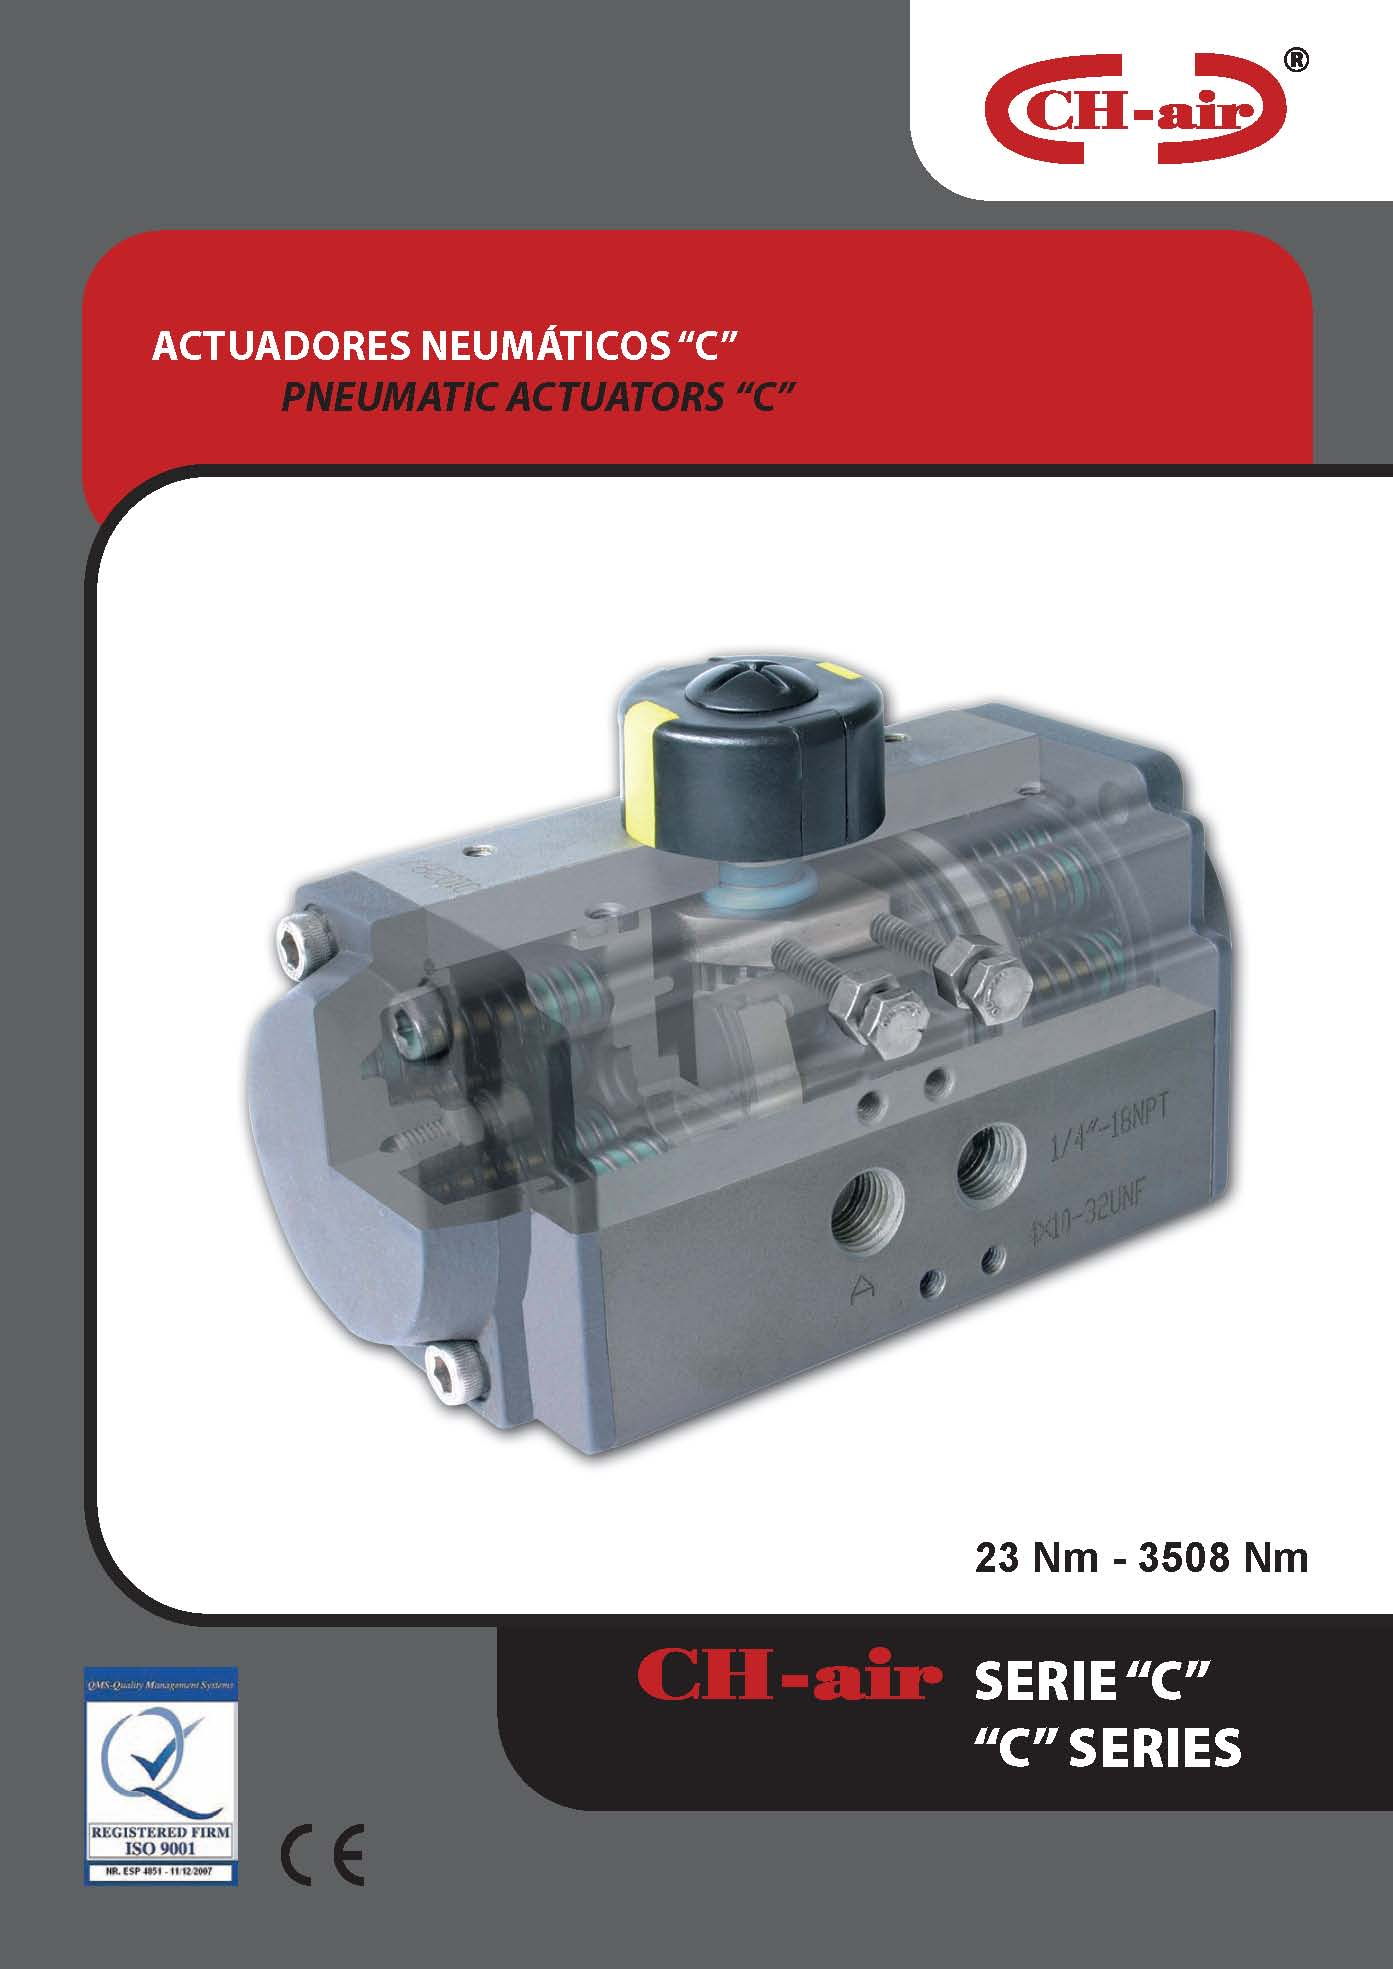 Actuadores neumáticos serie c